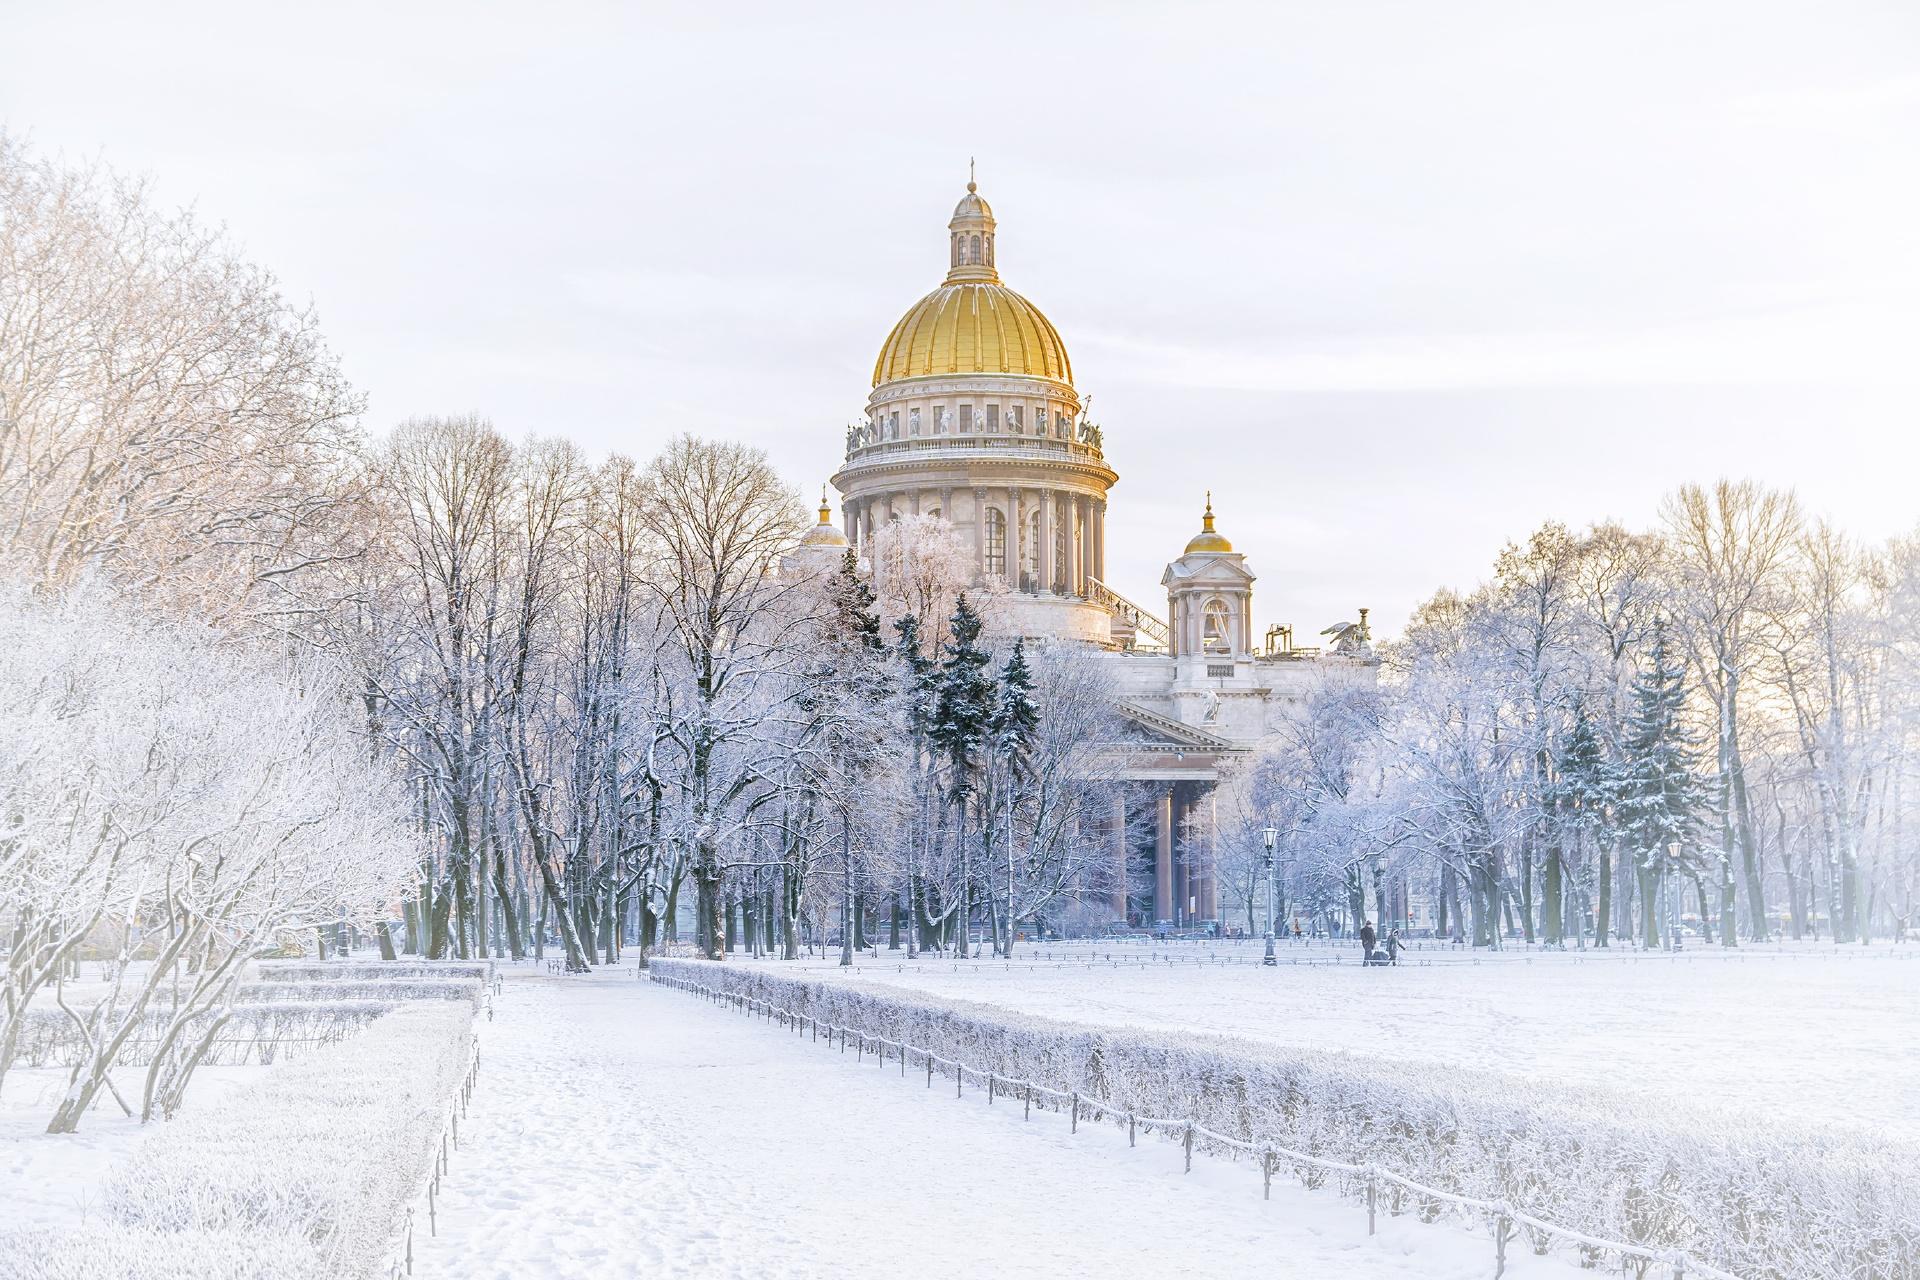 冬のロシア サンクトペテルブルク 聖イサアク大聖堂の風景